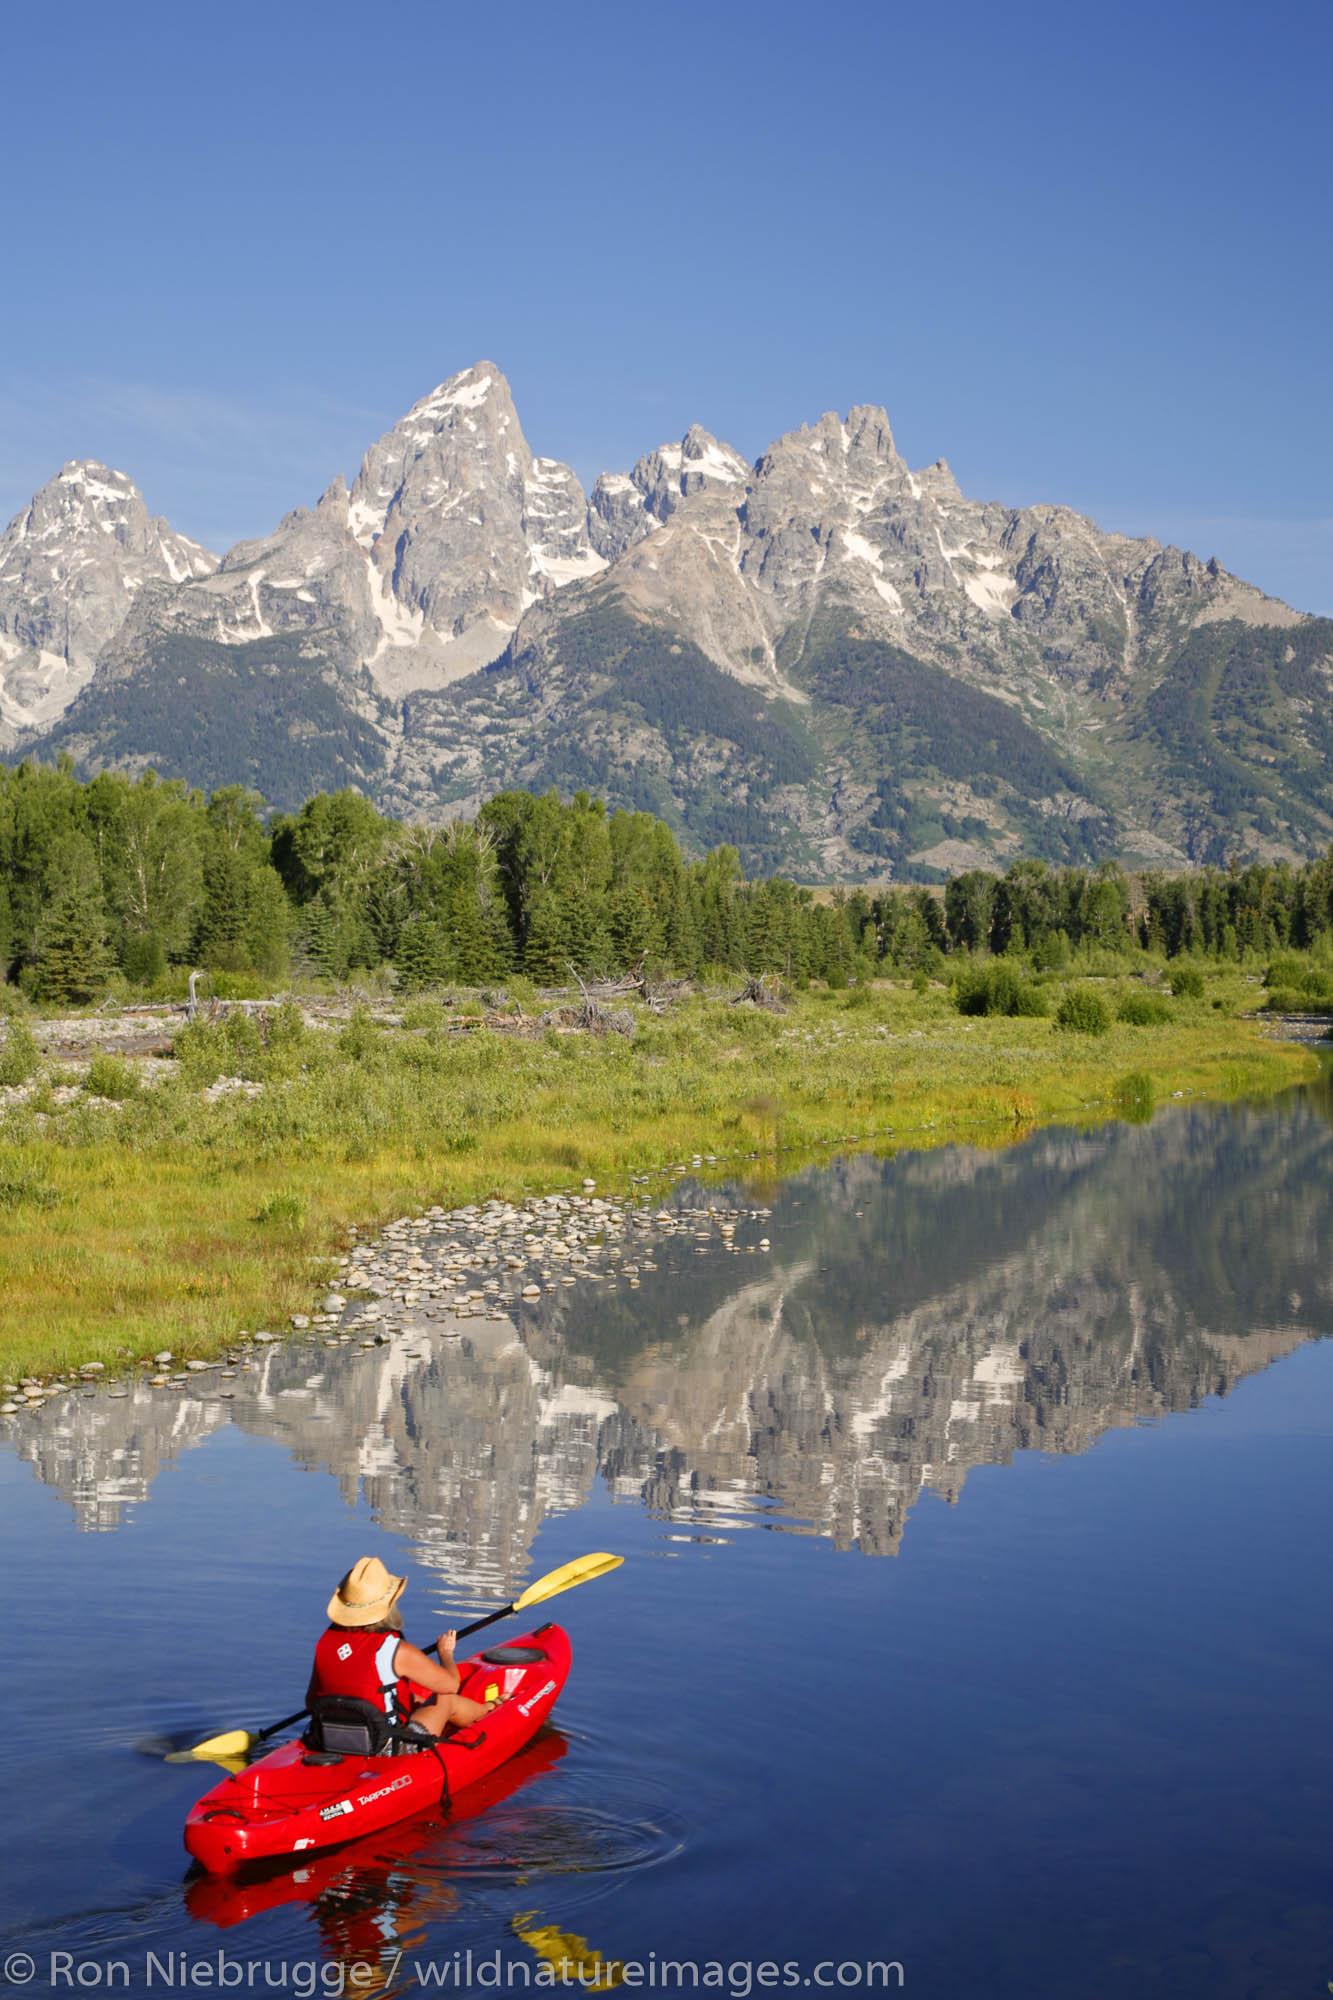 Kayaking on the Snake River in Grand Teton National Park, Wyoming.  (model released)